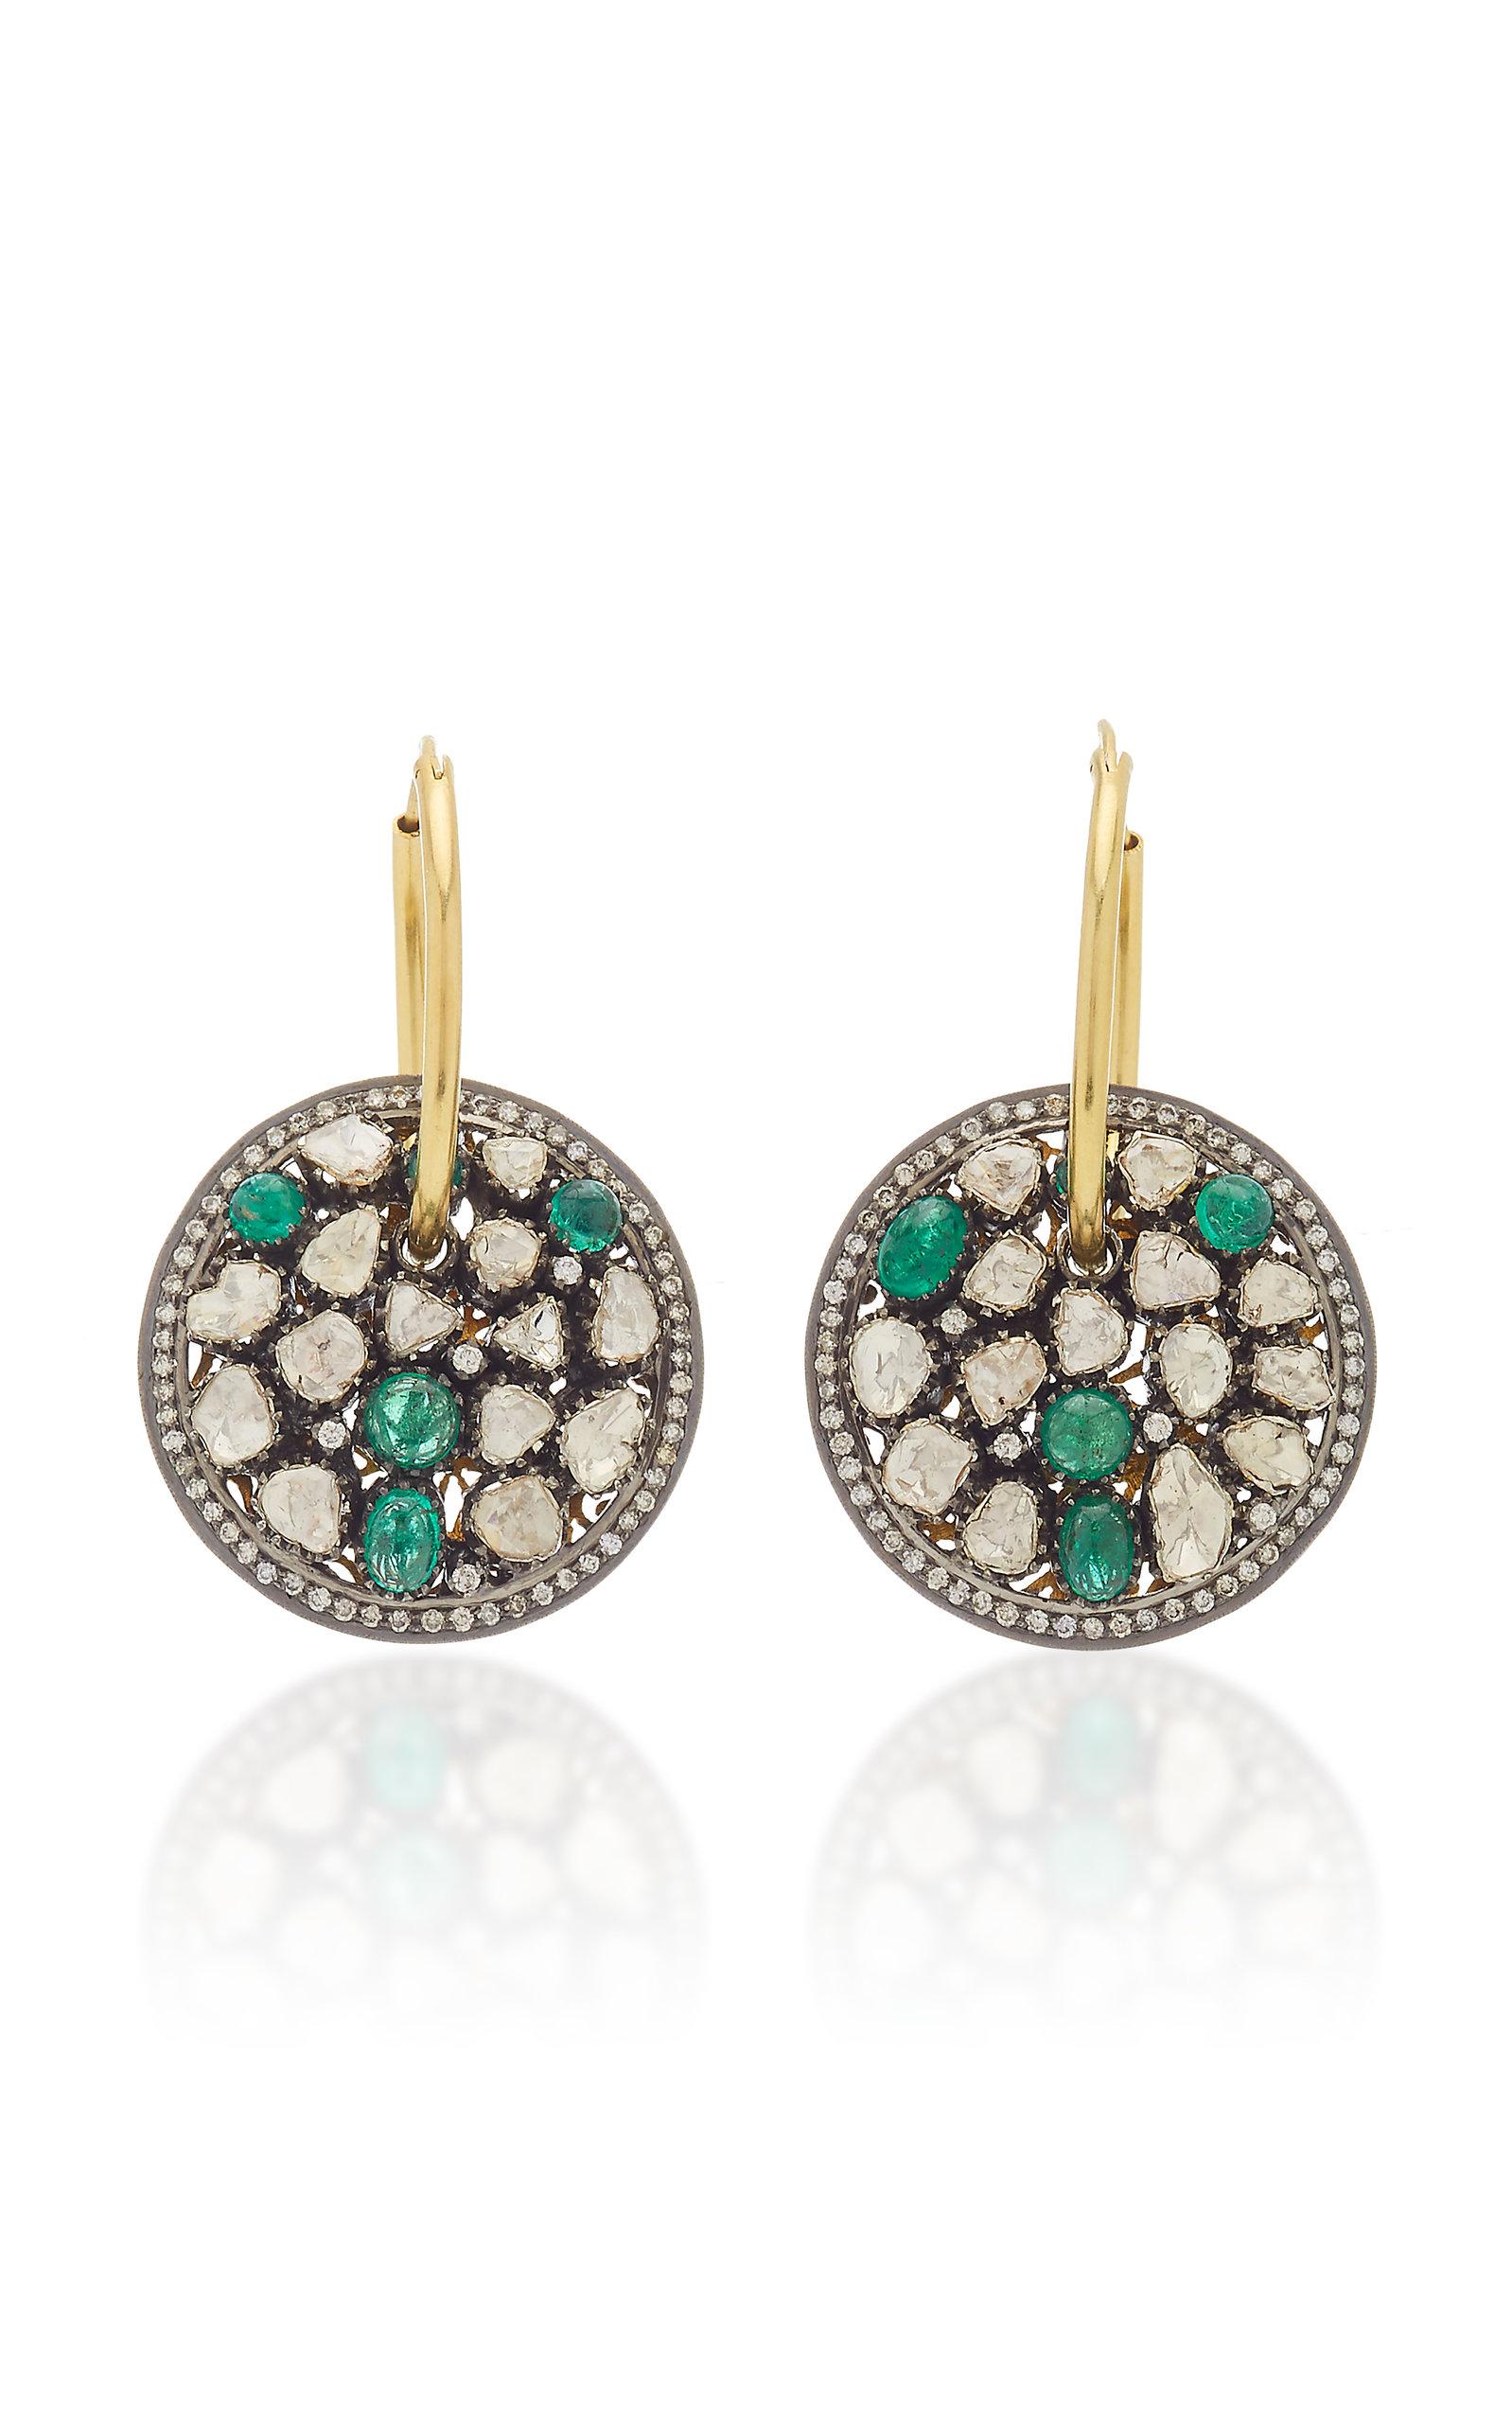 Women's 14K Yellow Gold Emerald; Diamond Earrings